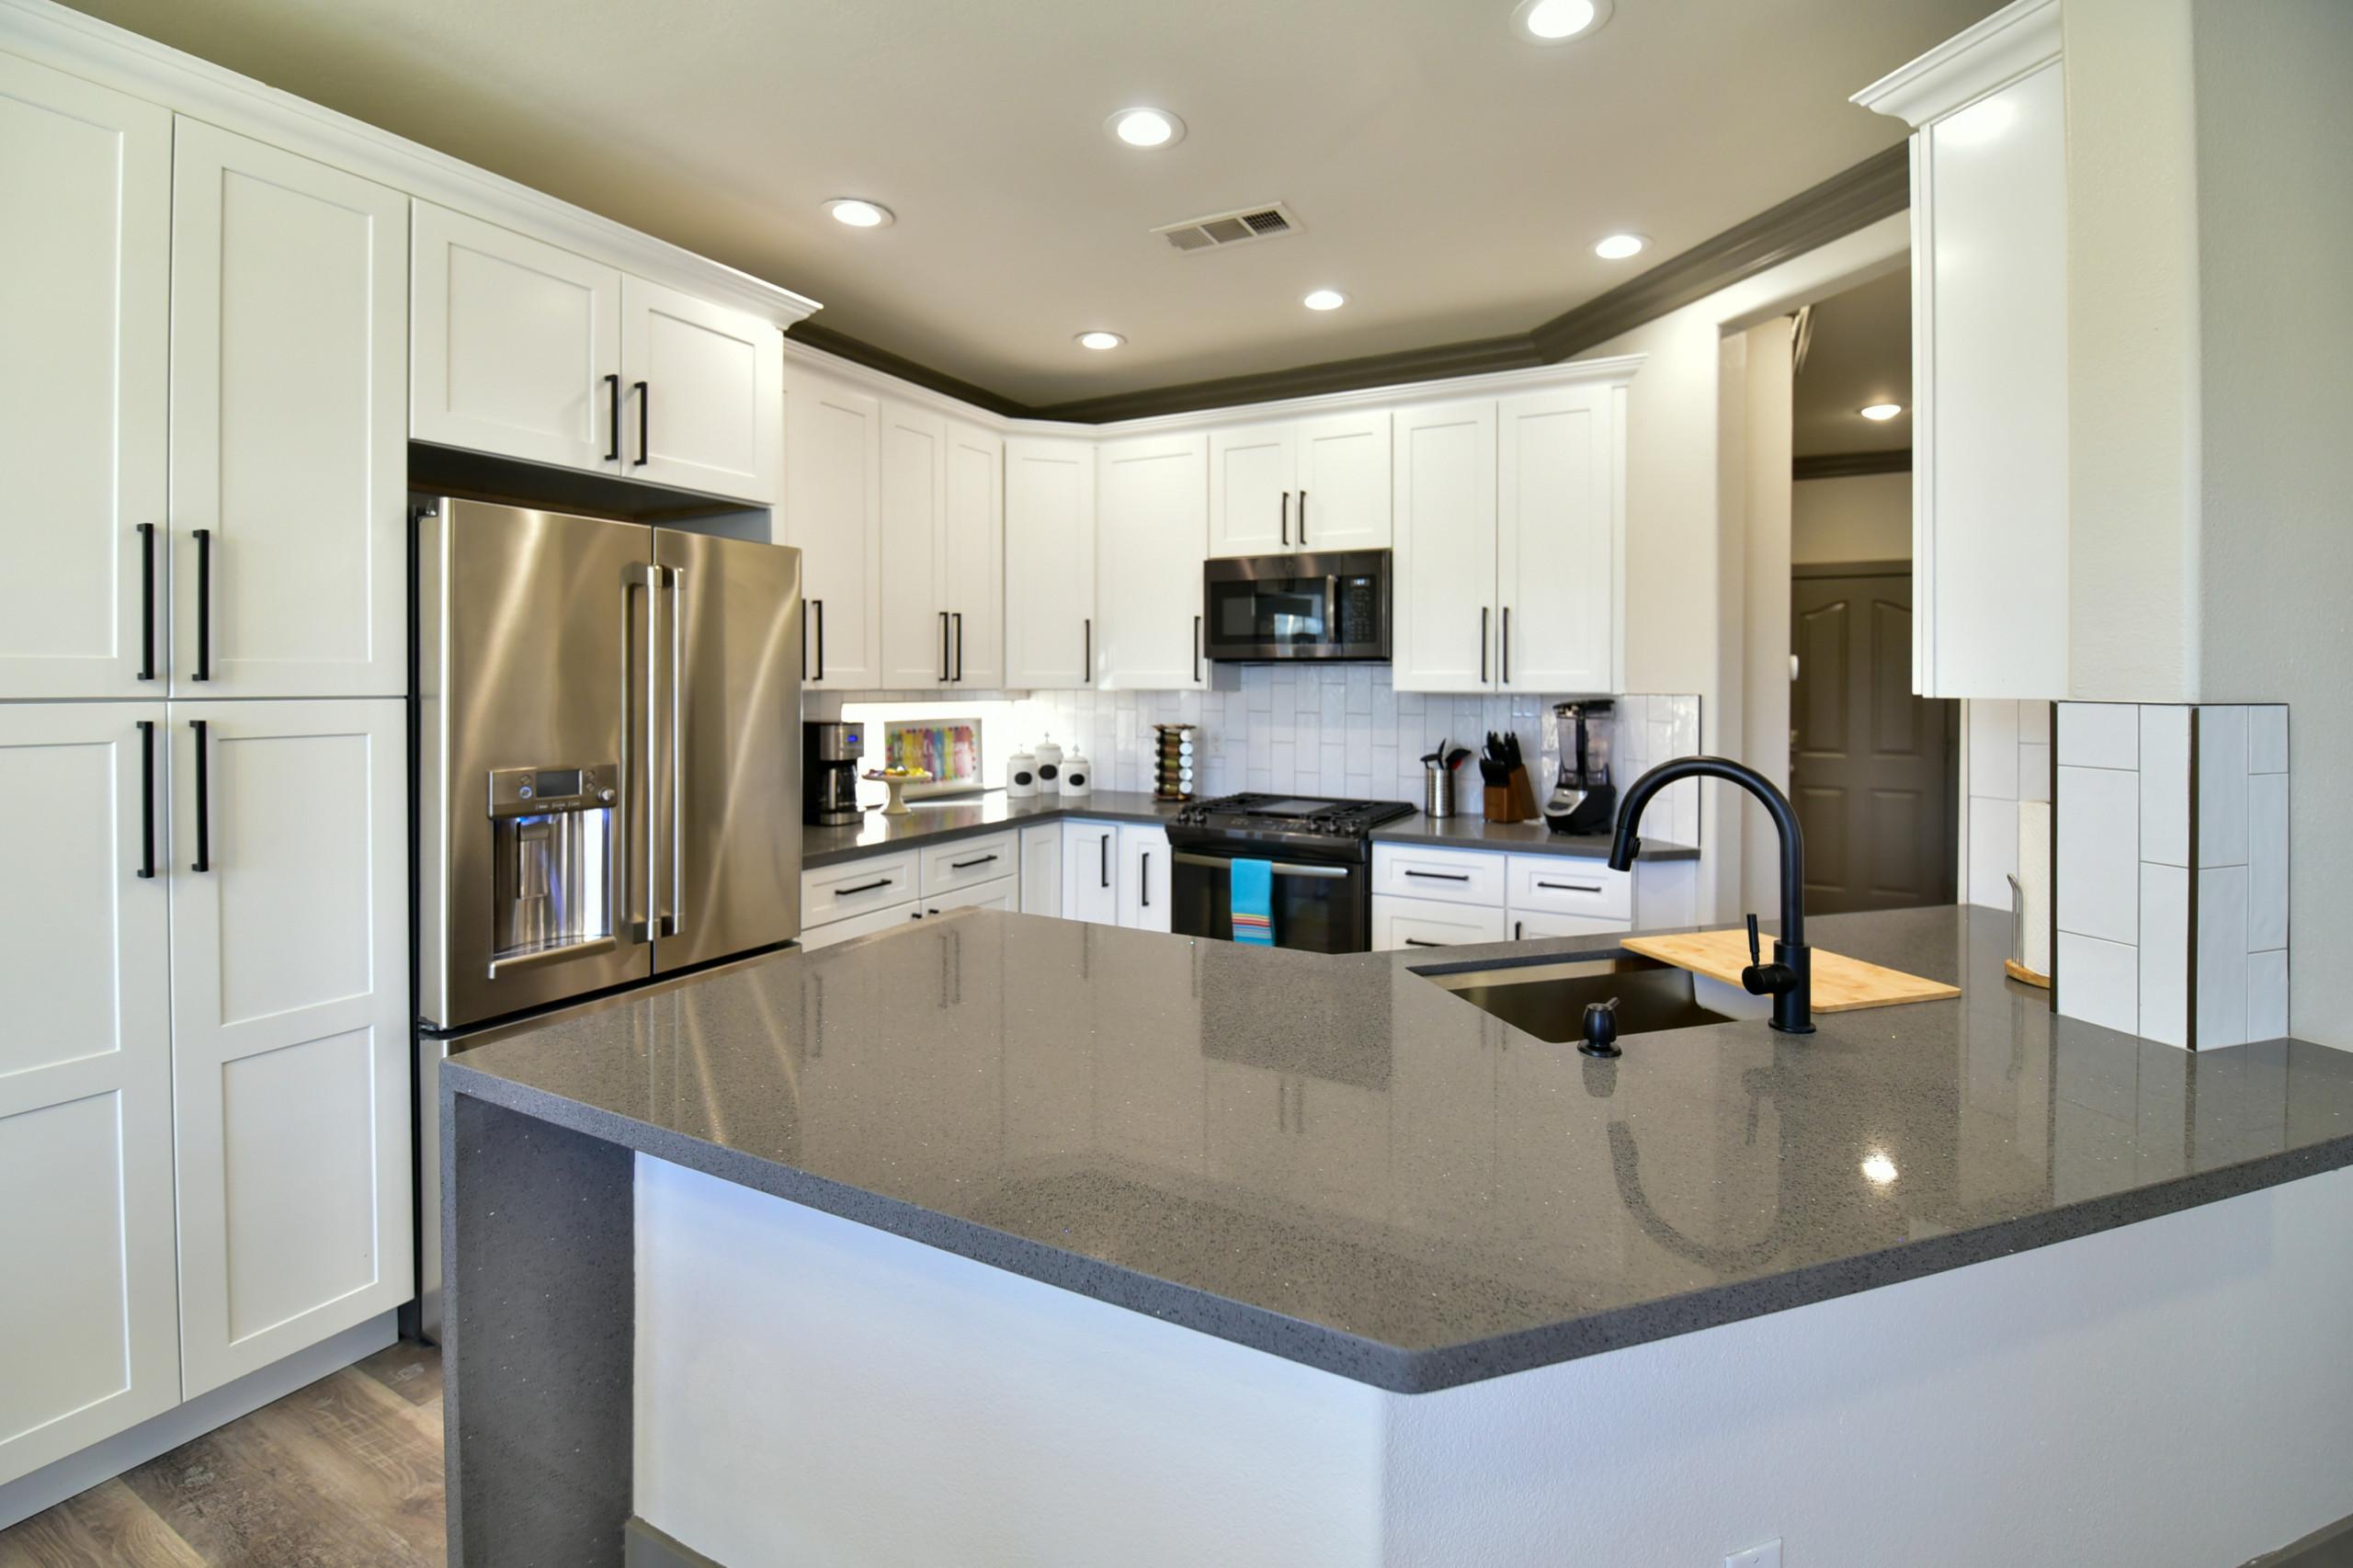 2020 Airbnb/Corporate Rental Las Vegas